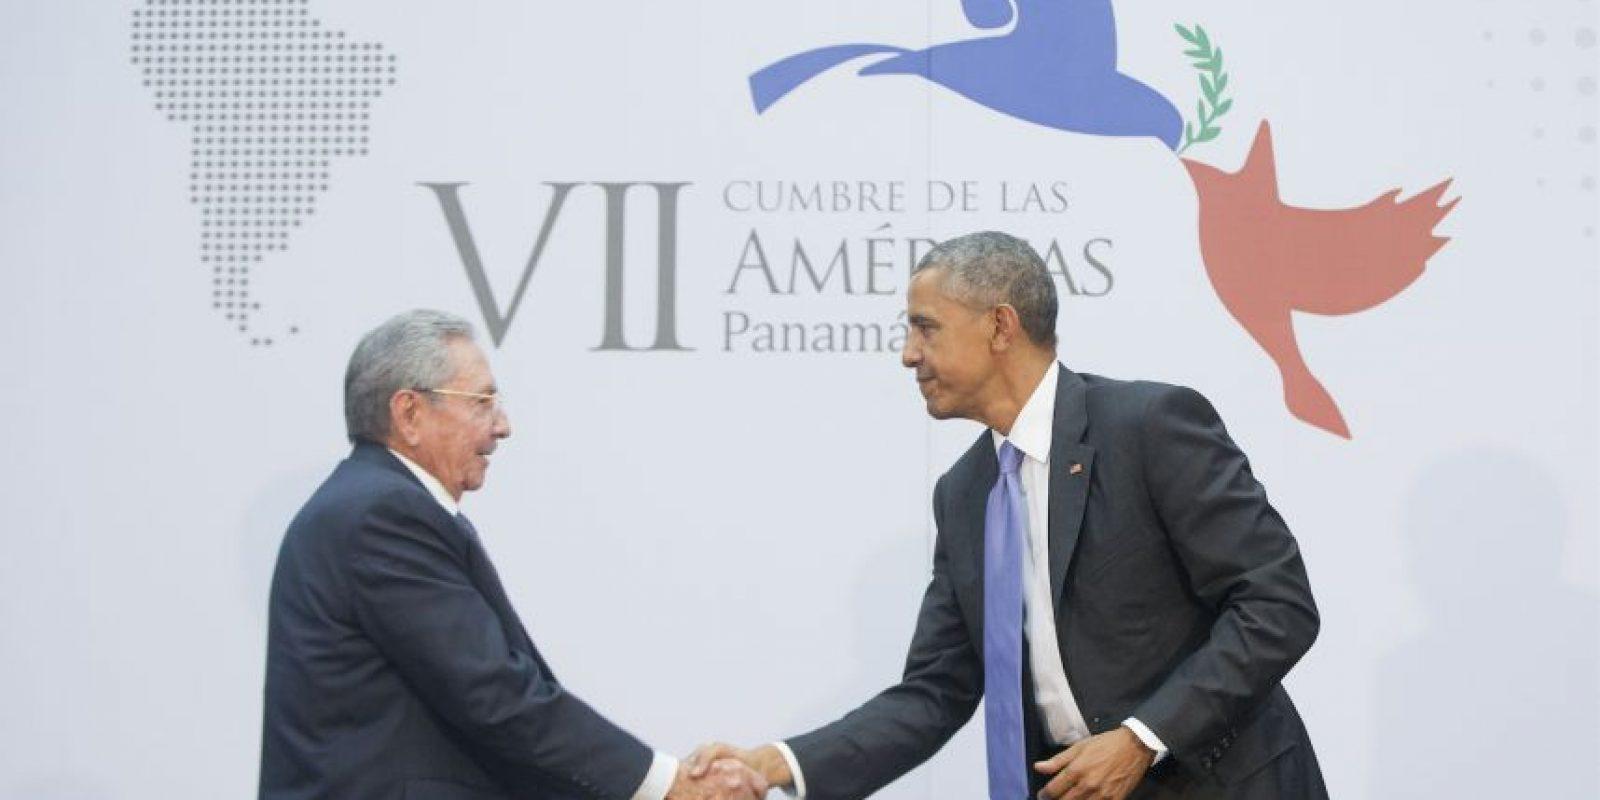 En diciembre pasado, el presidente Barack Obama revirtió más de medio siglo de política hacia Cuba y junto al presidente cubano Raúl Castro anunciaron que restaurarían las relaciones diplomáticas Foto:AFP